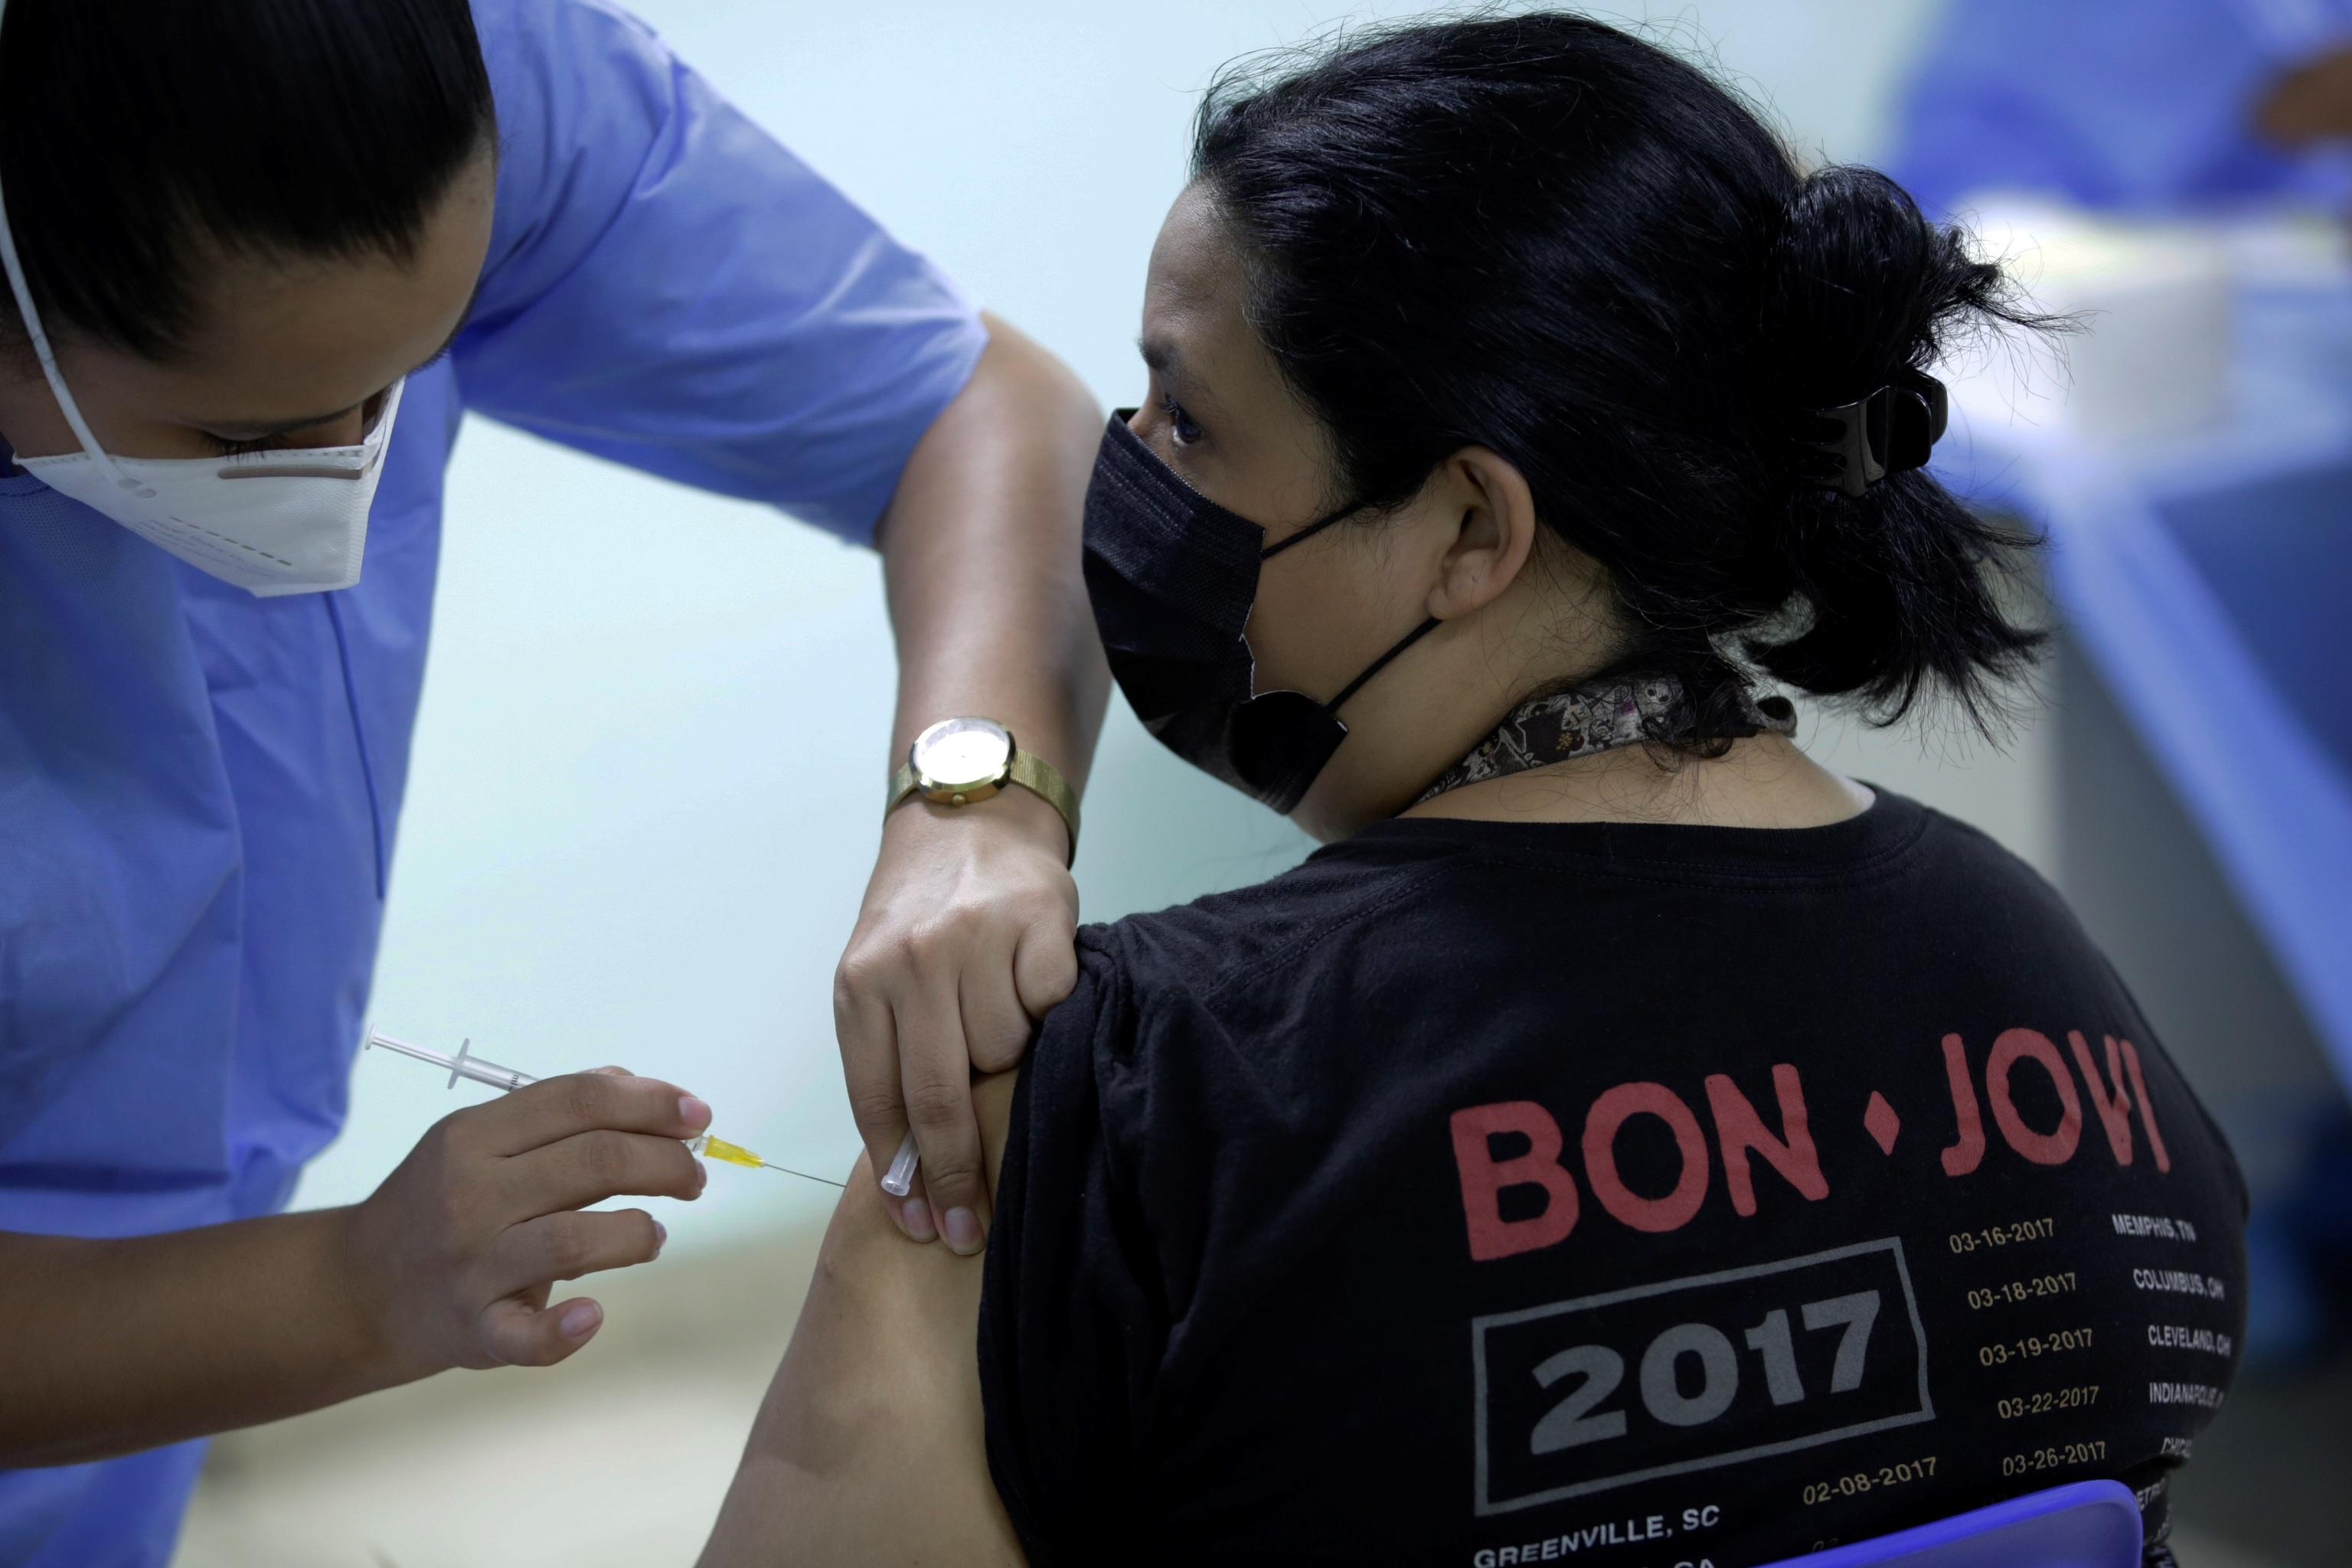 Una persona recibe una dosis de la vacuna Pfizer.